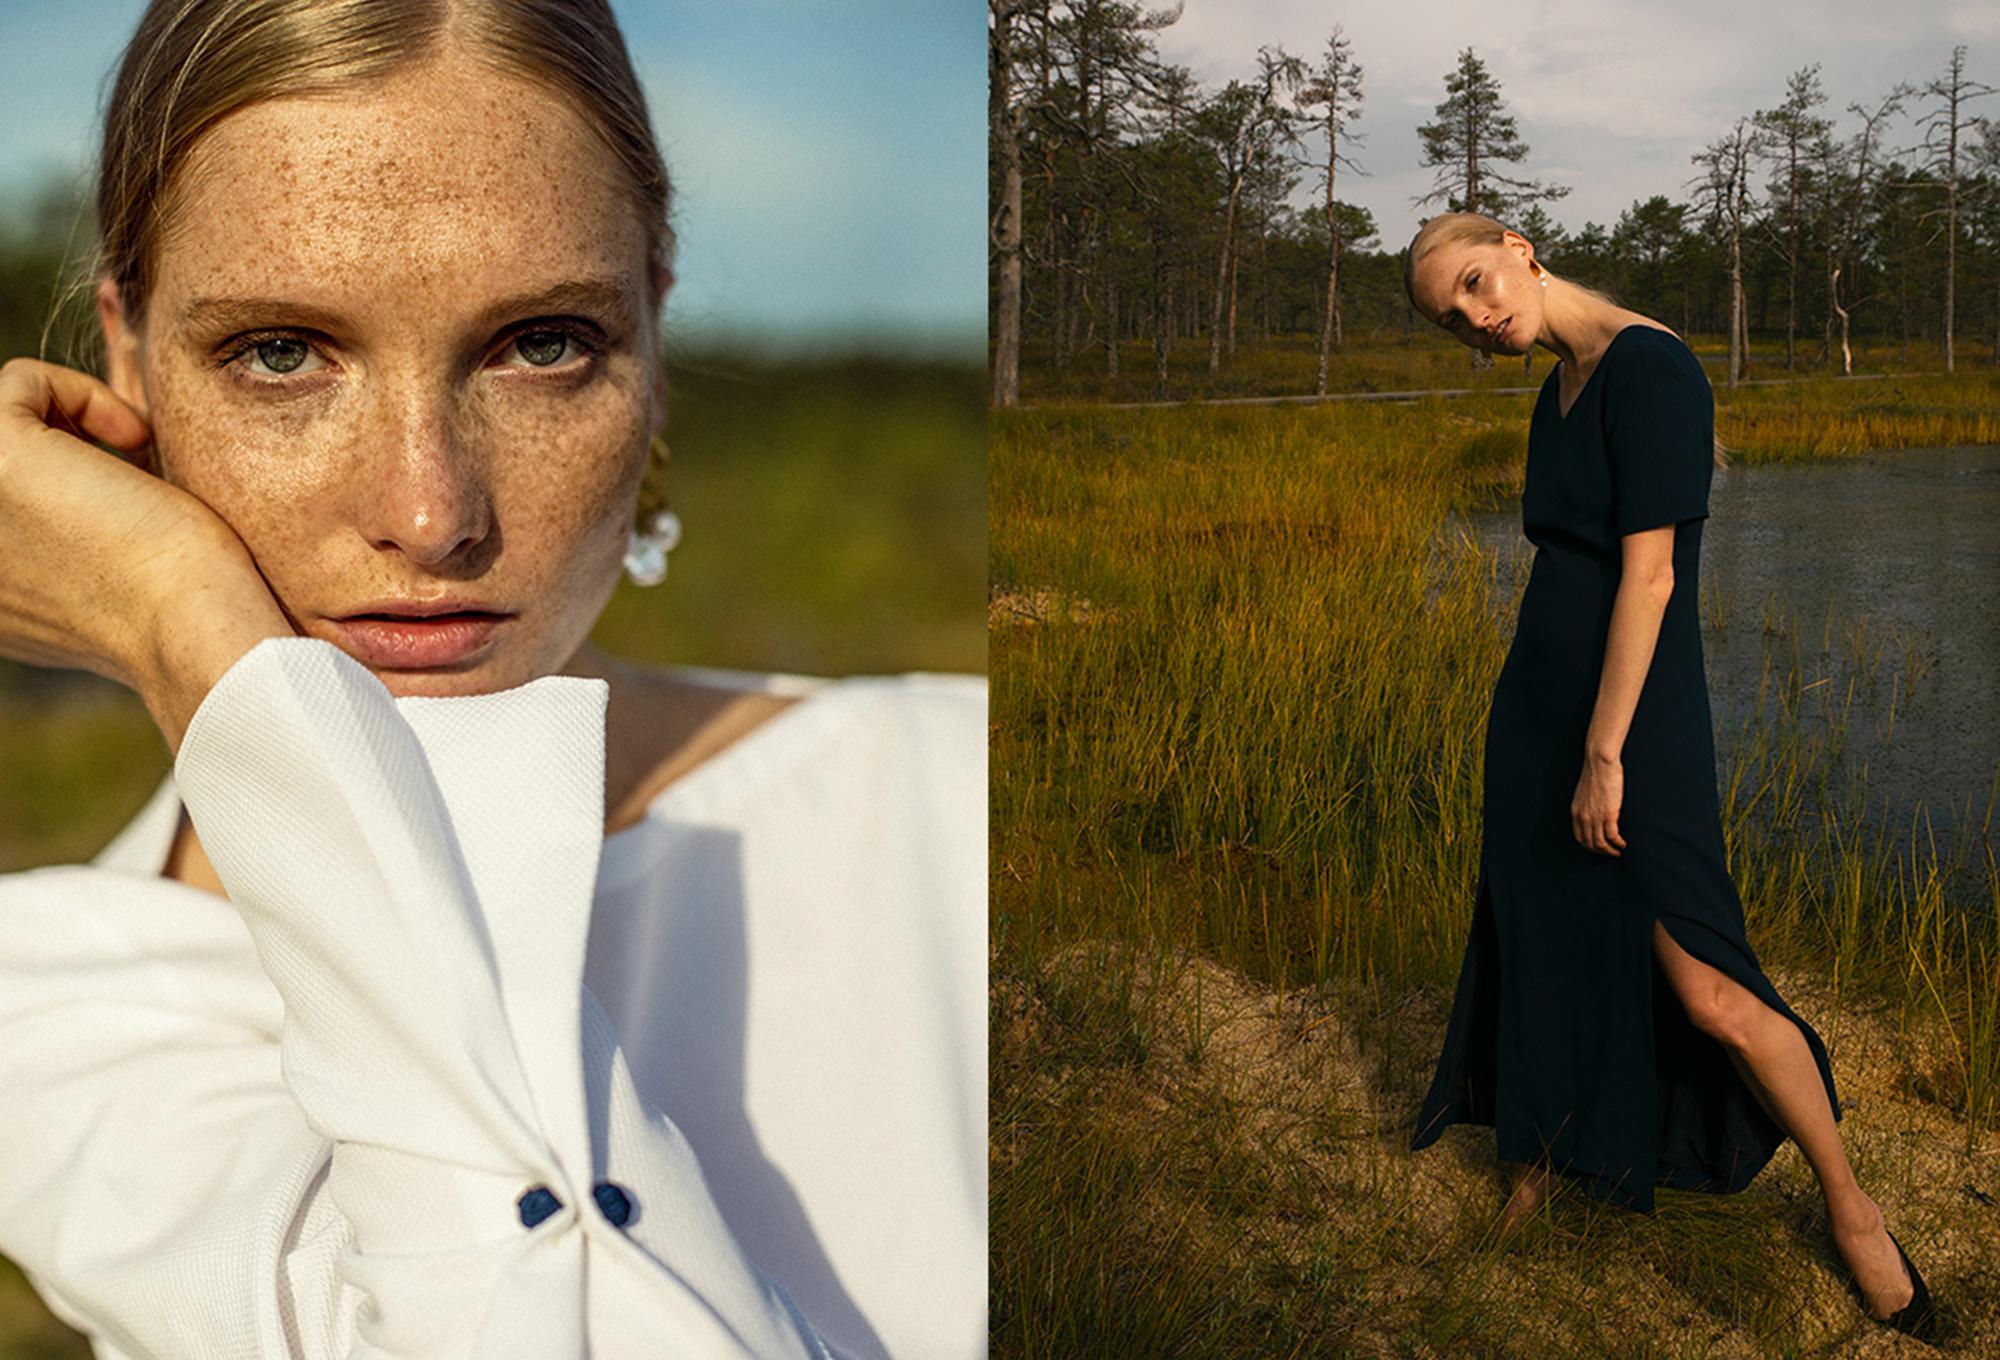 Der liebevoll kuratierte Onlineshop the wearness bietet ethischen Luxus an